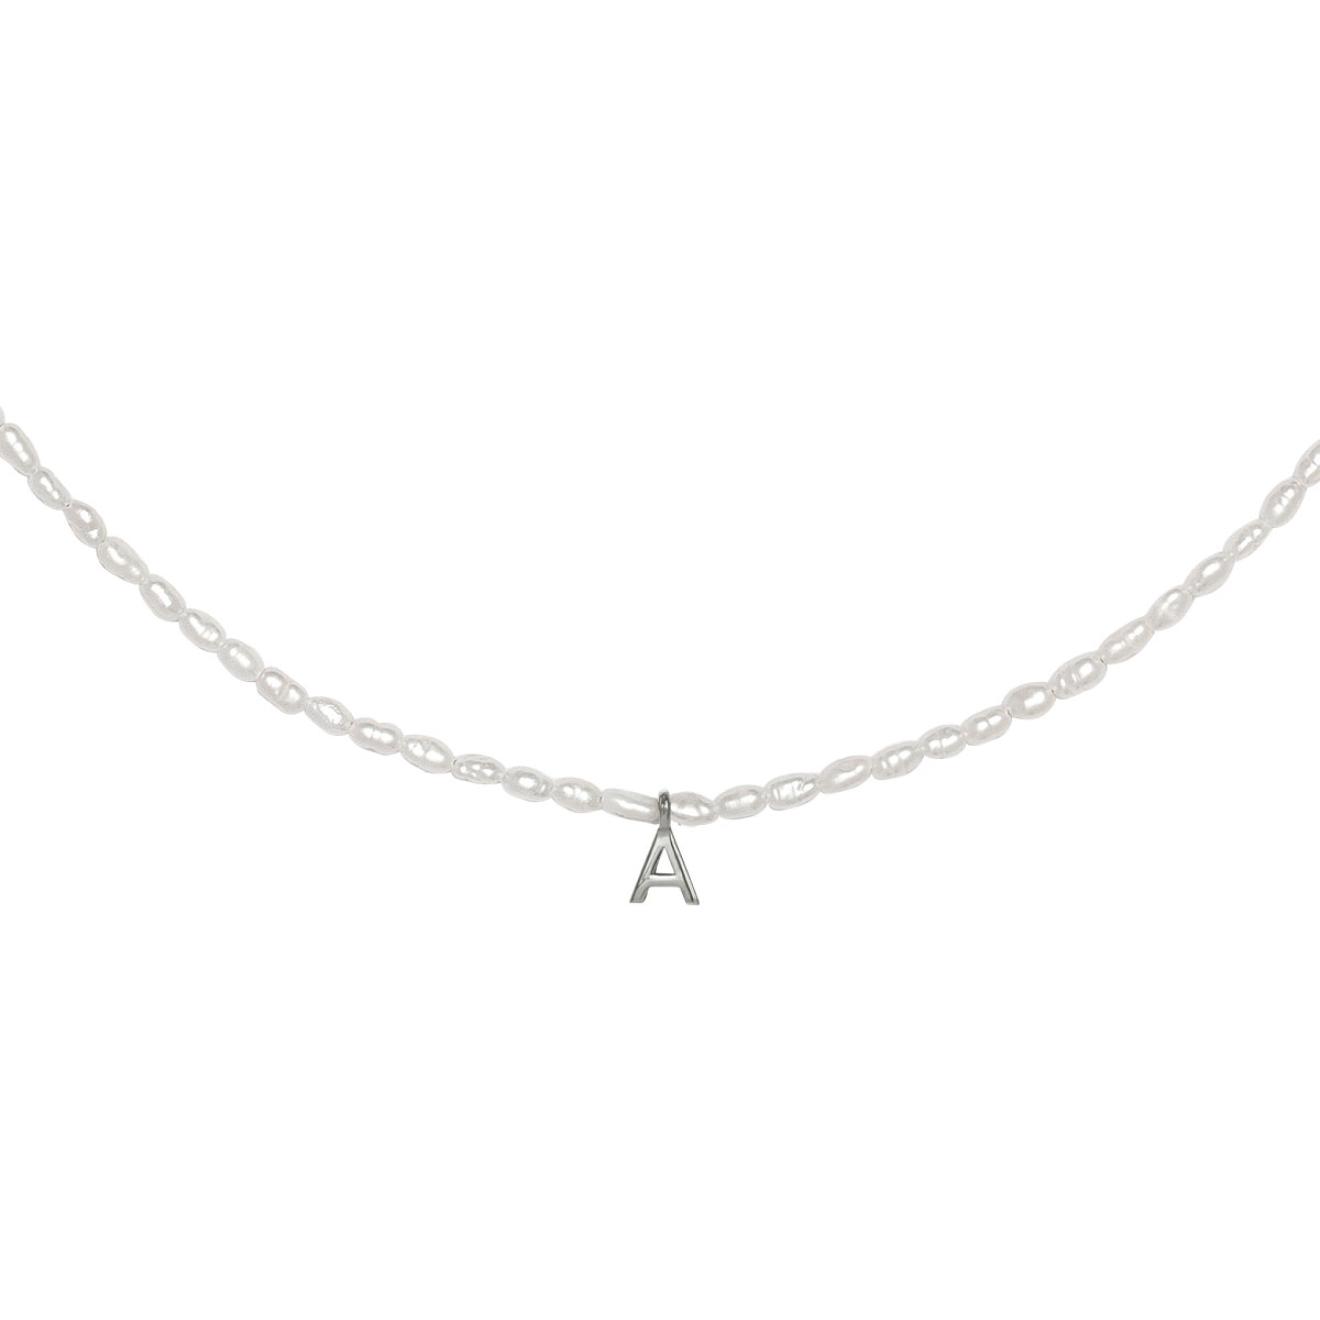 Фото - Ringstone Жемчужное ожерелье из серебра с буквой A ringstone жемчужное ожерелье с буквой s ringstone